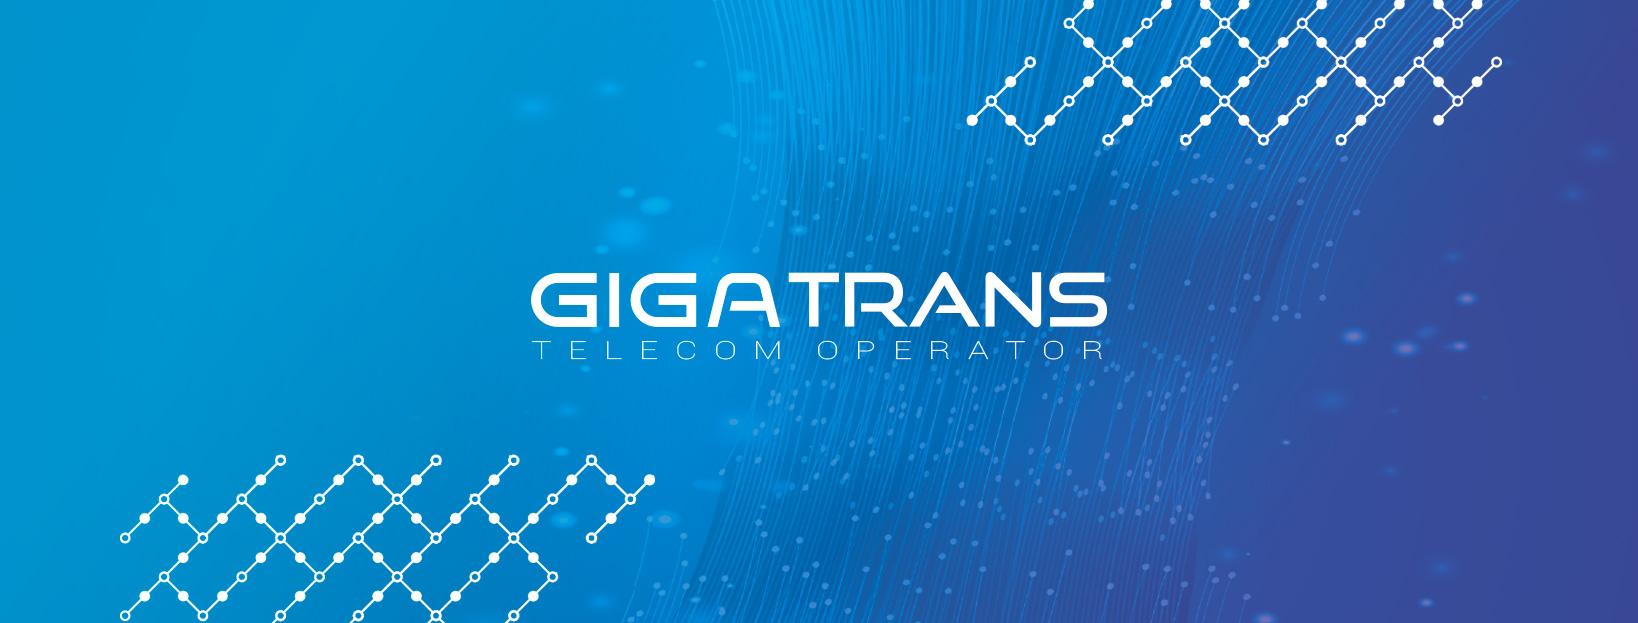 Команда GigaTrans повідомляє - роботу сервісів відновлено!